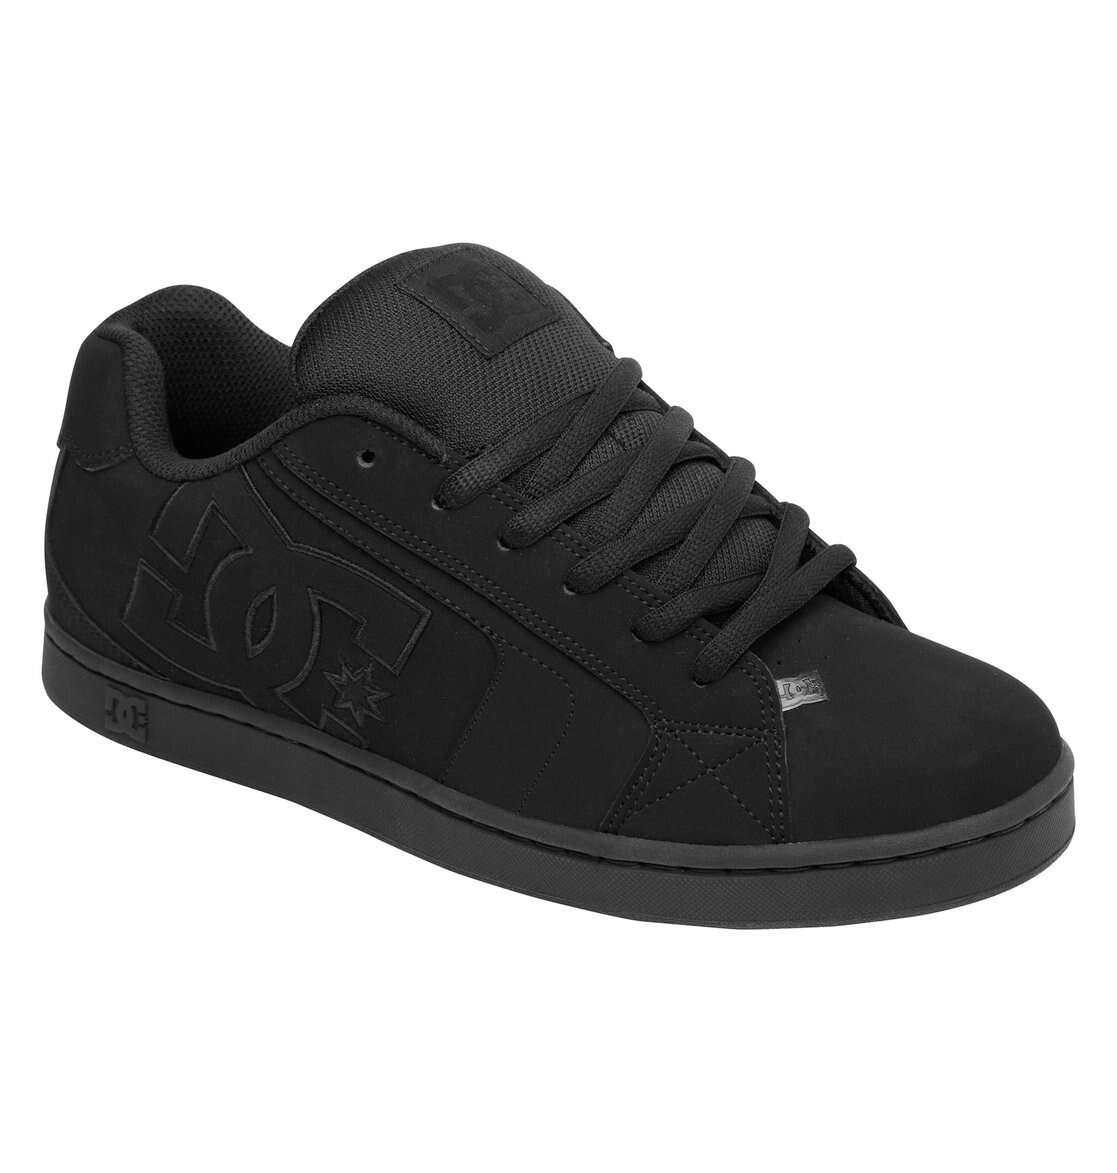 Imagen Zapatillas skate DC Shoes Net nuevas